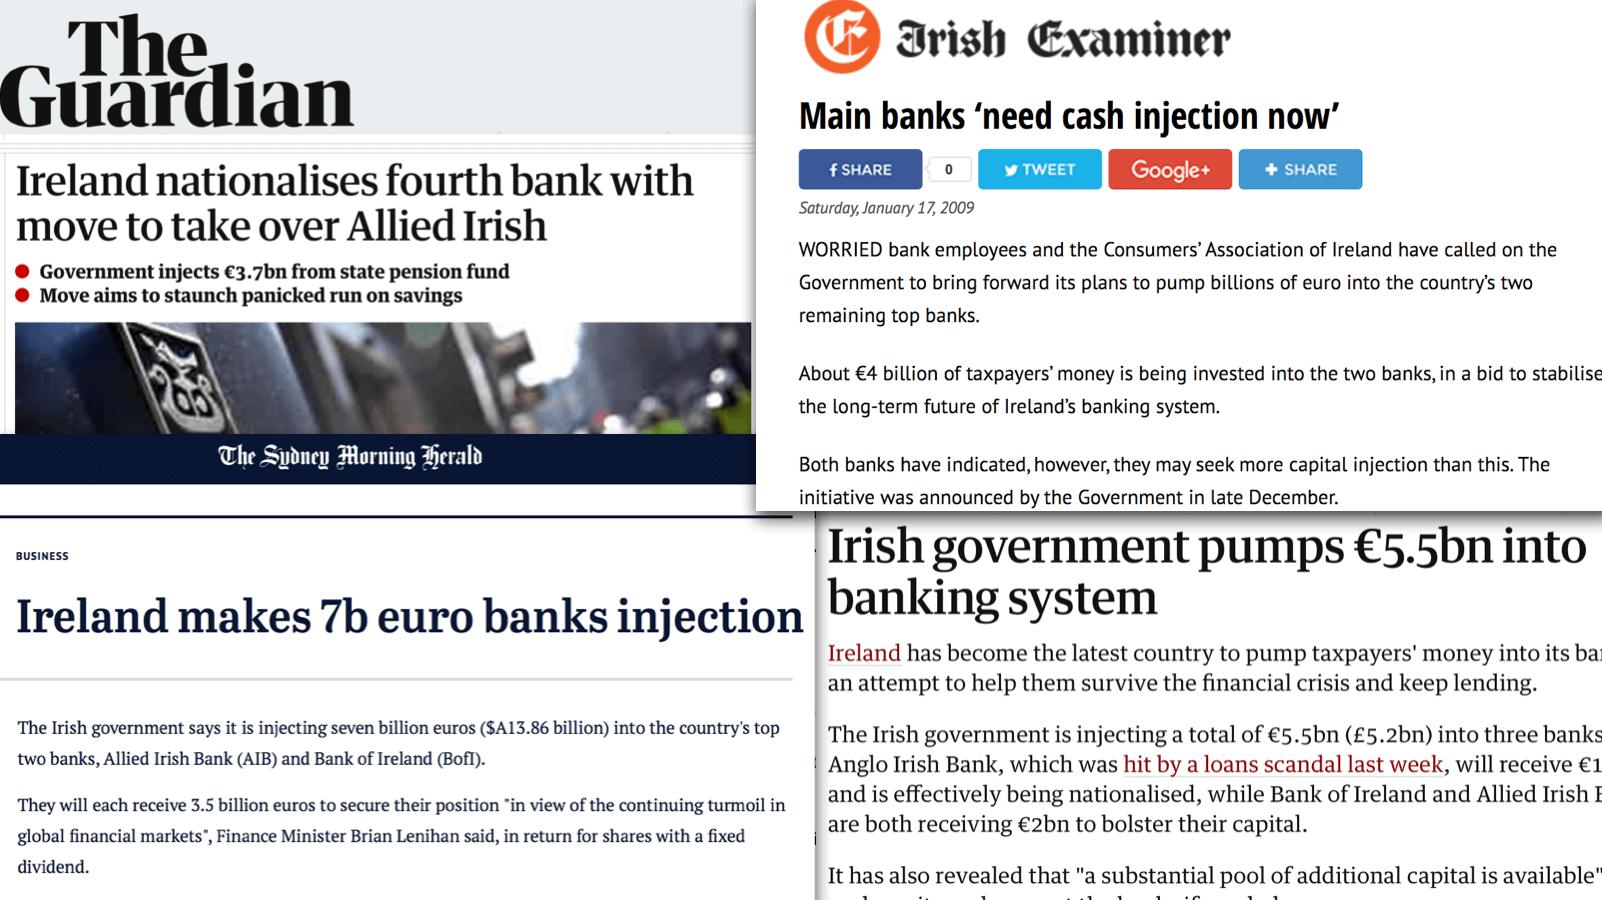 Nieuwskoppen over bank reddingen Ierland